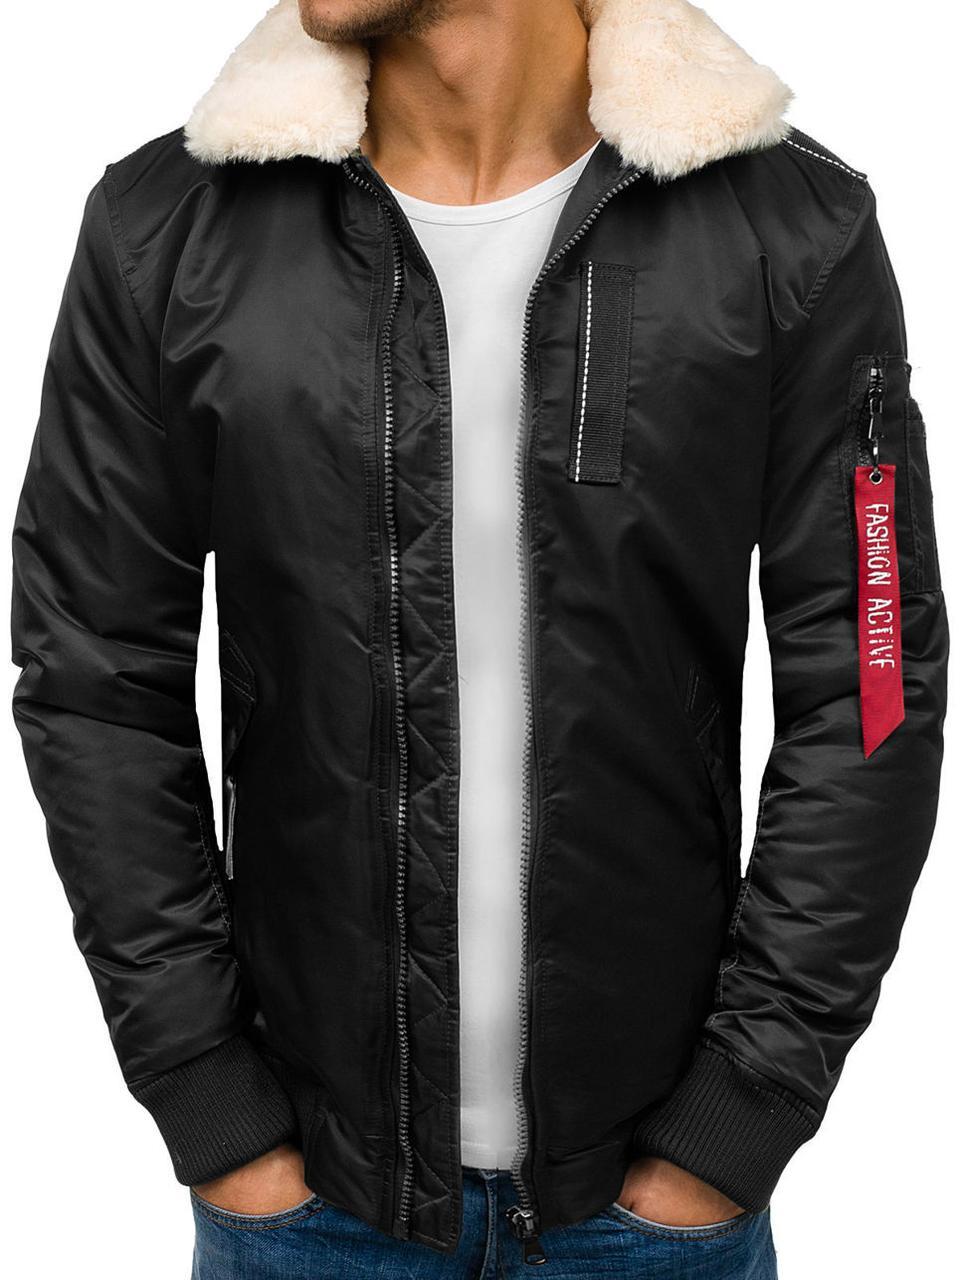 Мужская черная зимняя куртка пилот бомбер